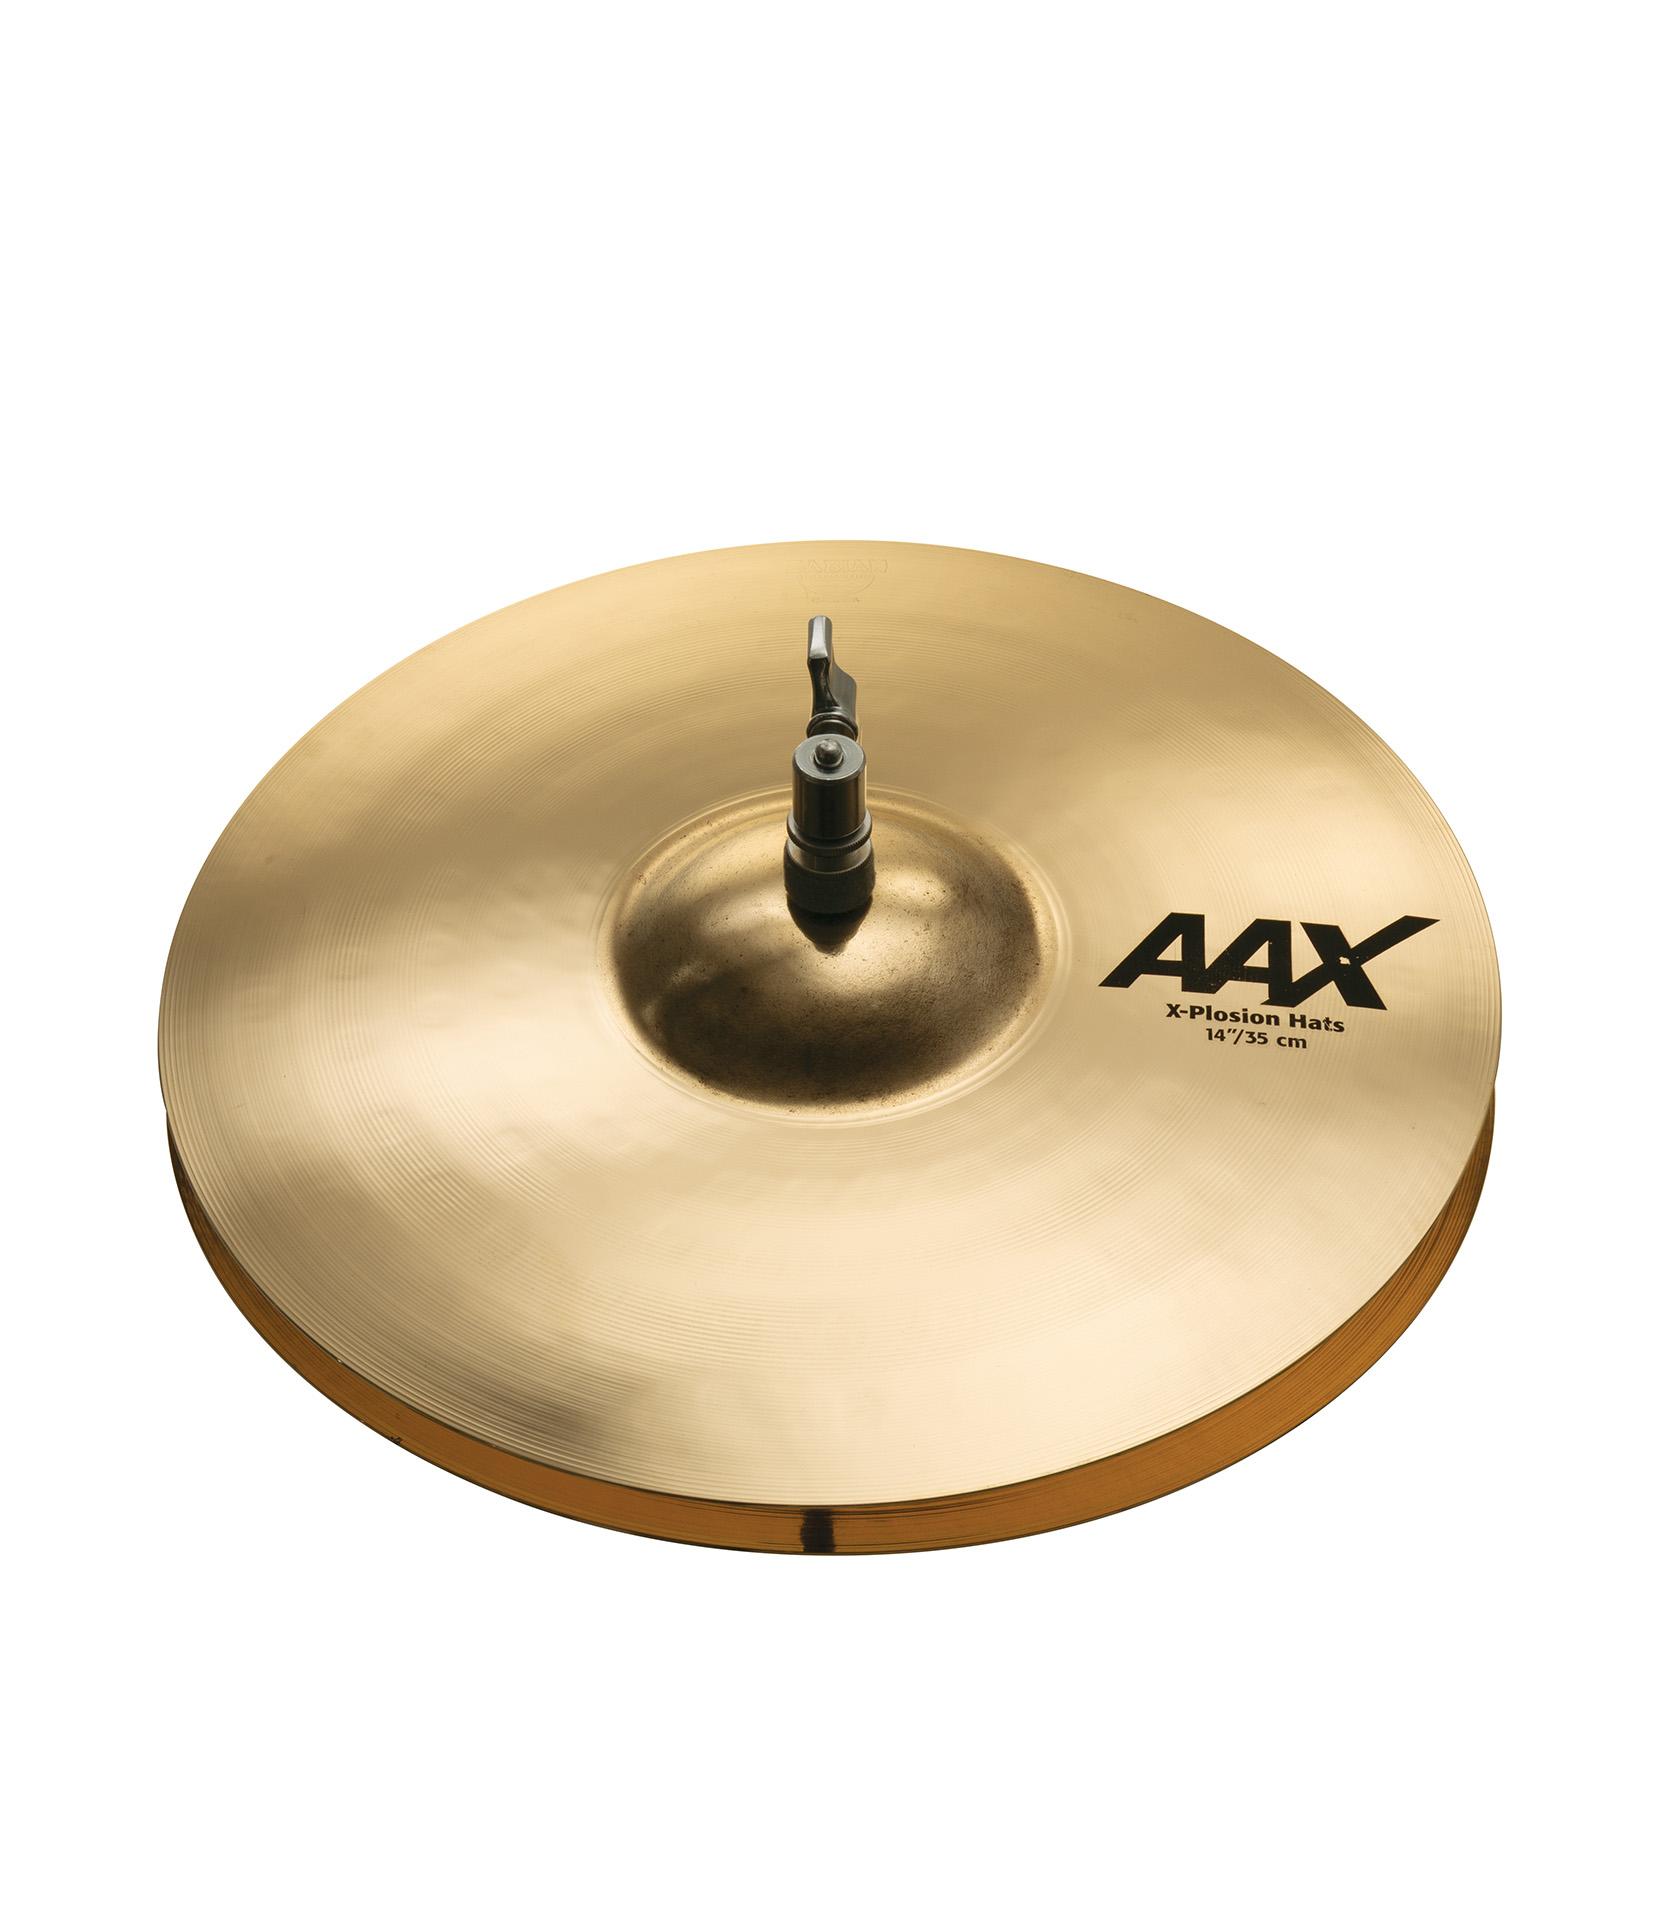 Buy Sabian - 14 AAX X Plosion Hats